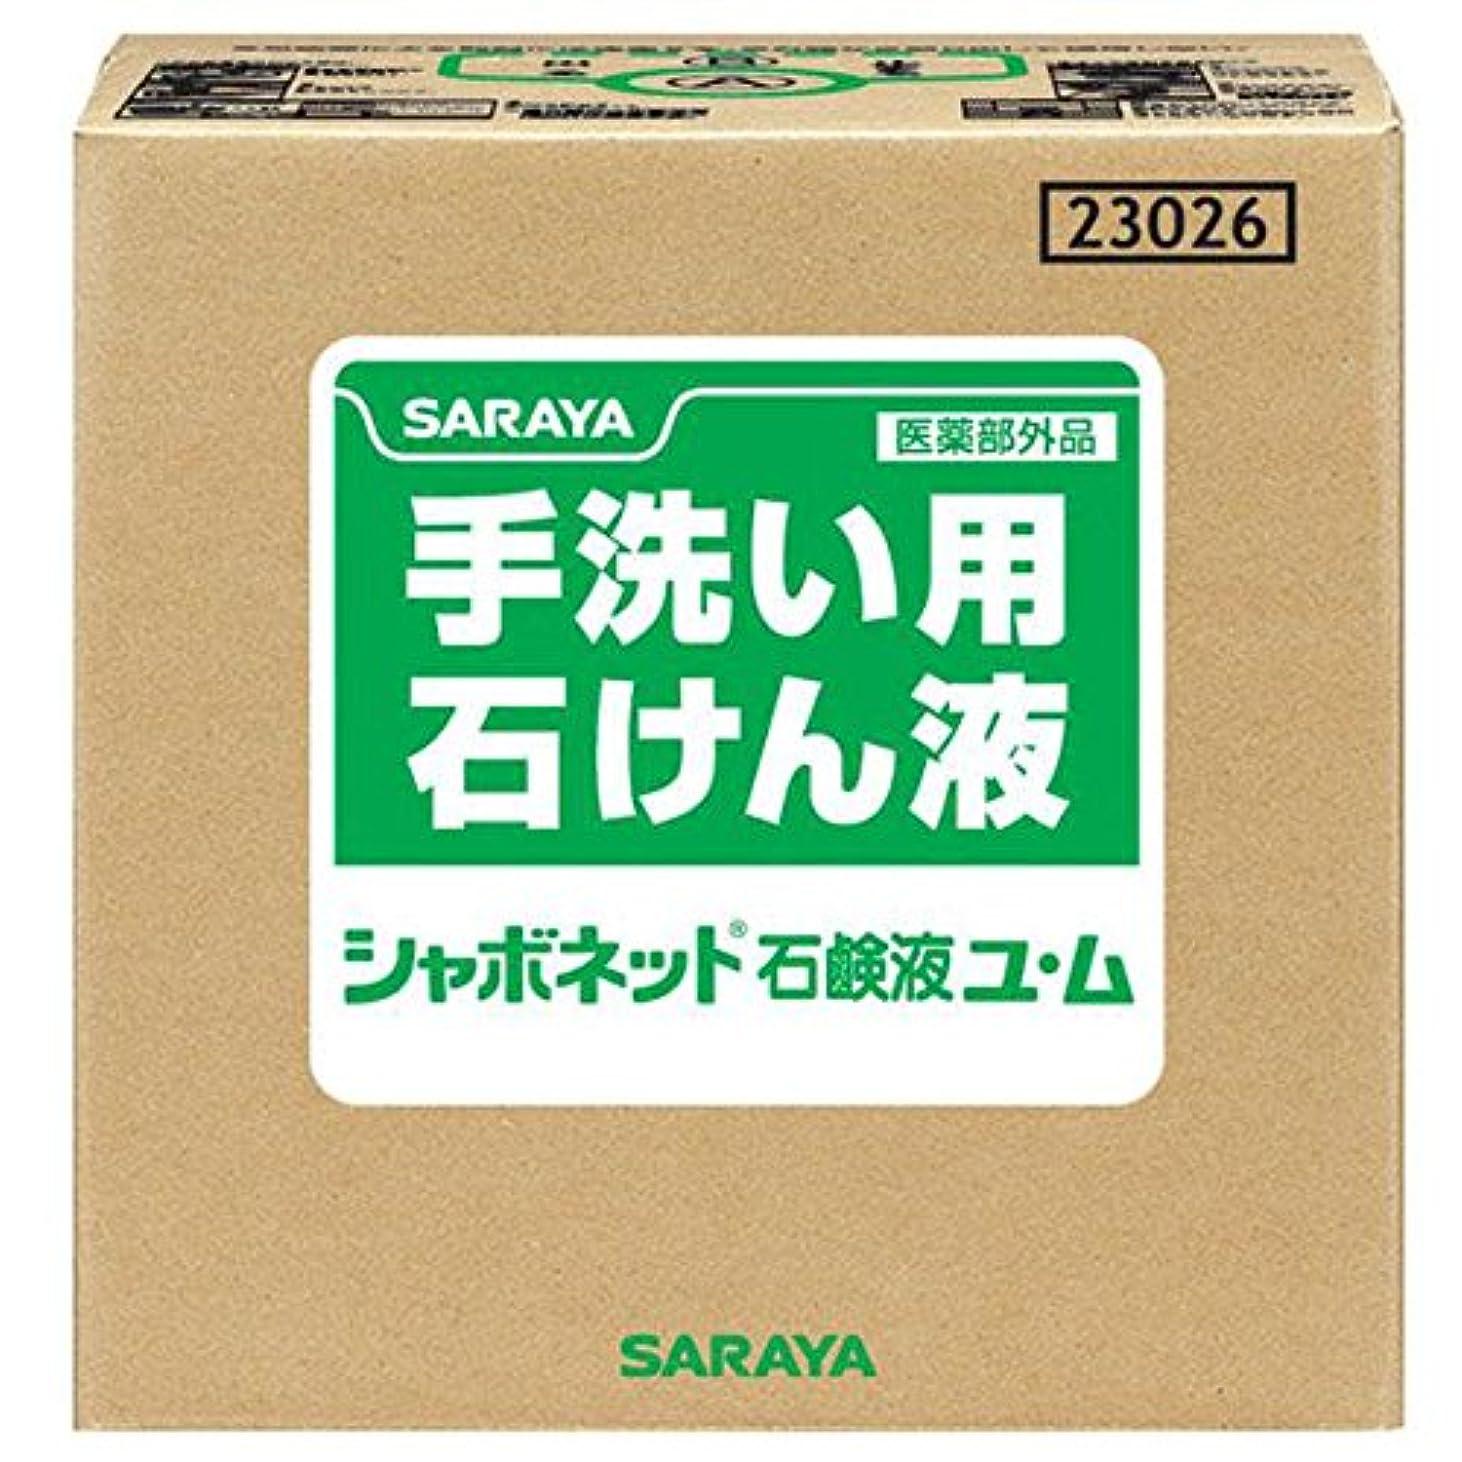 うぬぼれリスナー委任するサラヤ シャボネット 石鹸液ユ?ム 20kg×1箱 BIB